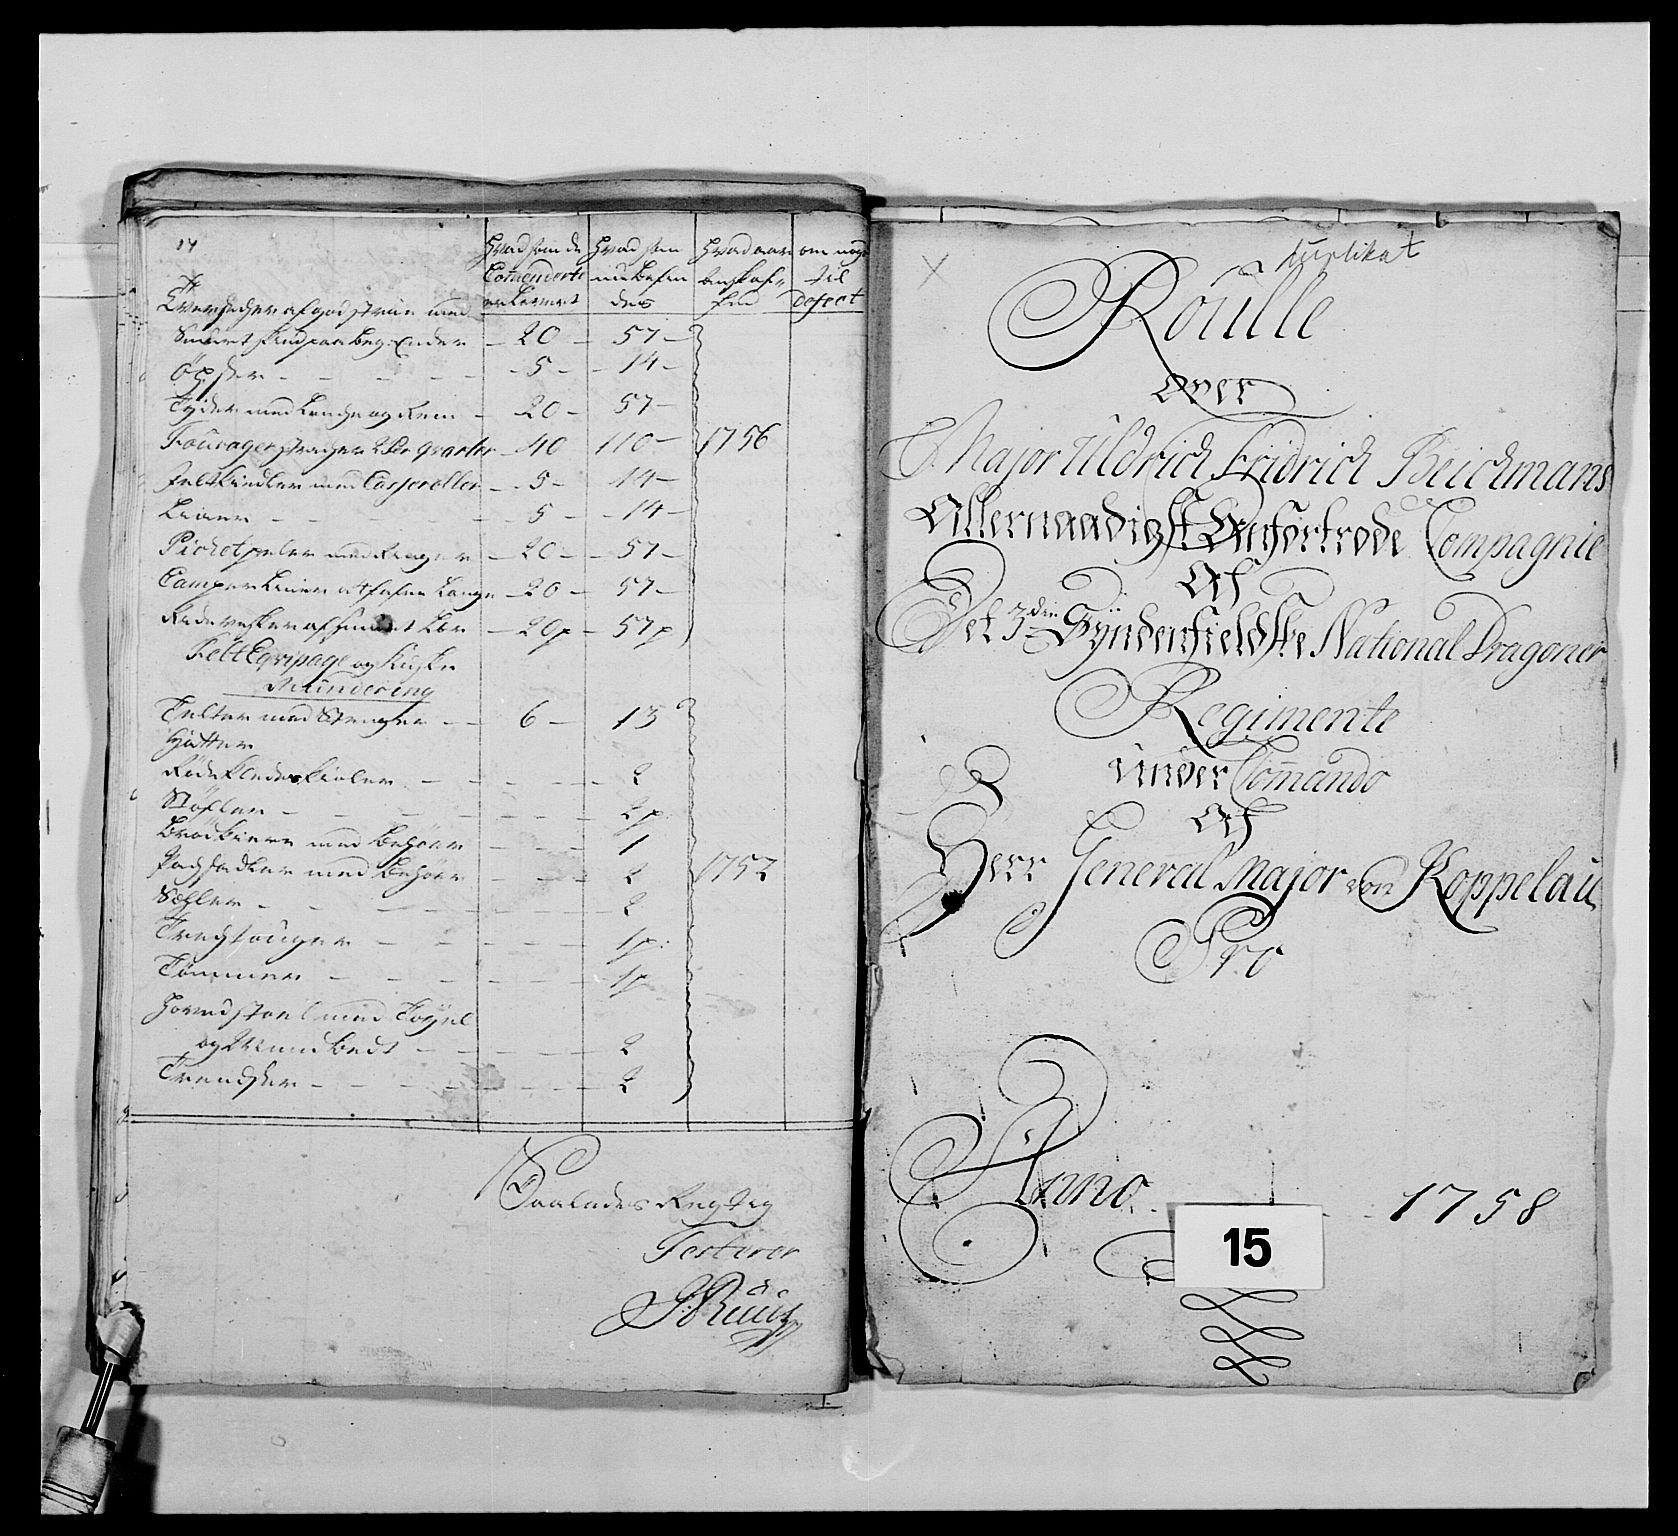 RA, Kommanderende general (KG I) med Det norske krigsdirektorium, E/Ea/L0479: 3. Sønnafjelske dragonregiment, 1756-1760, s. 281